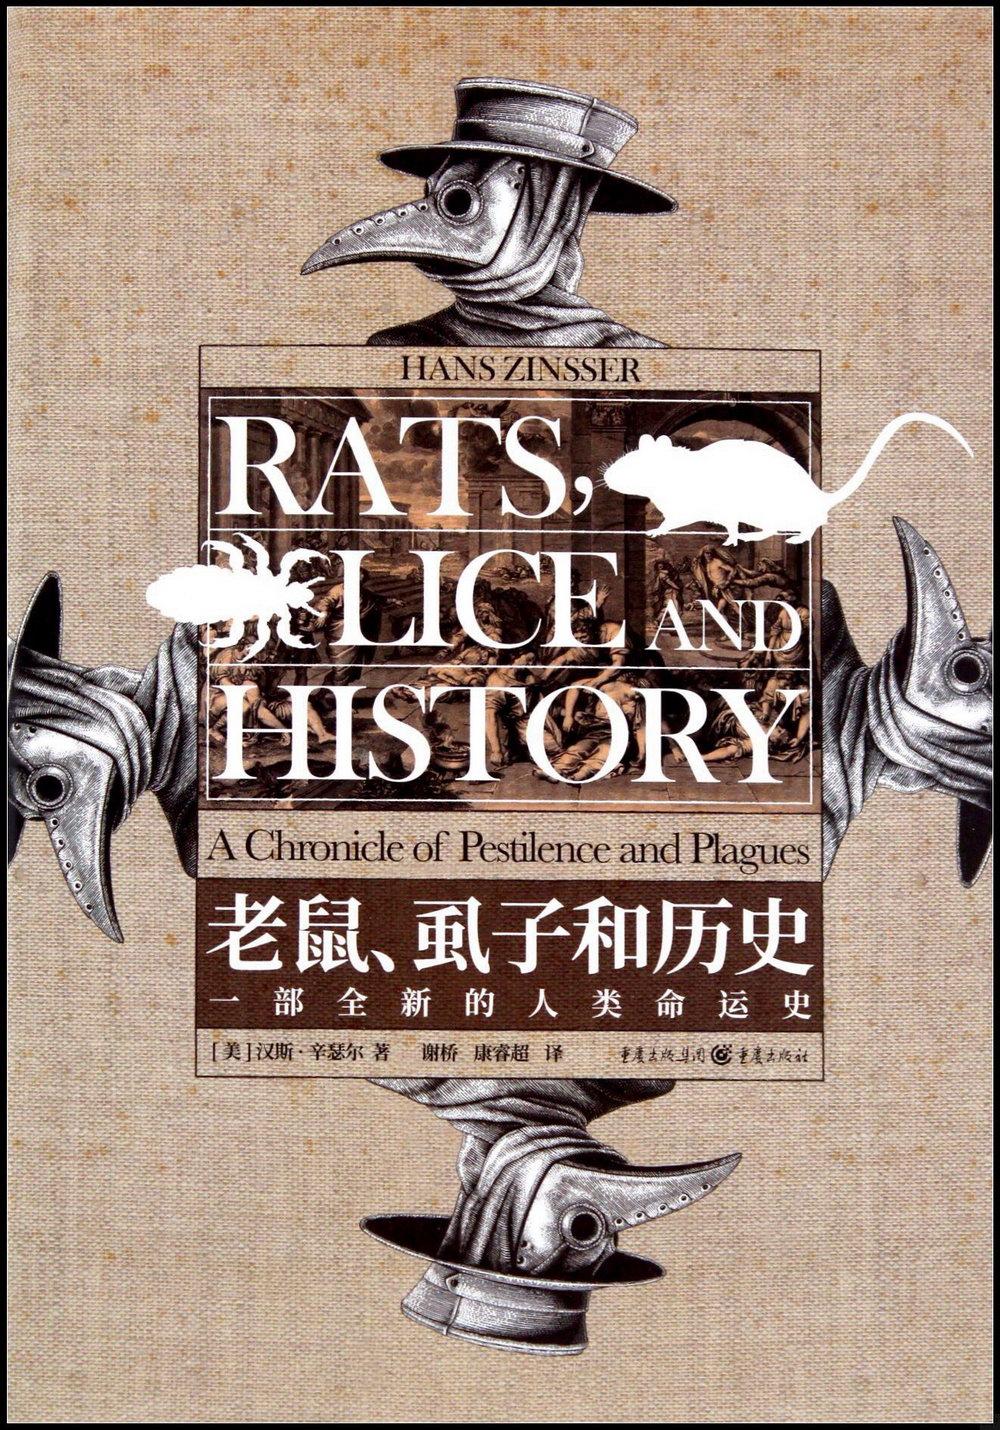 老鼠、虱子和歷史:一部全新的人類命運史